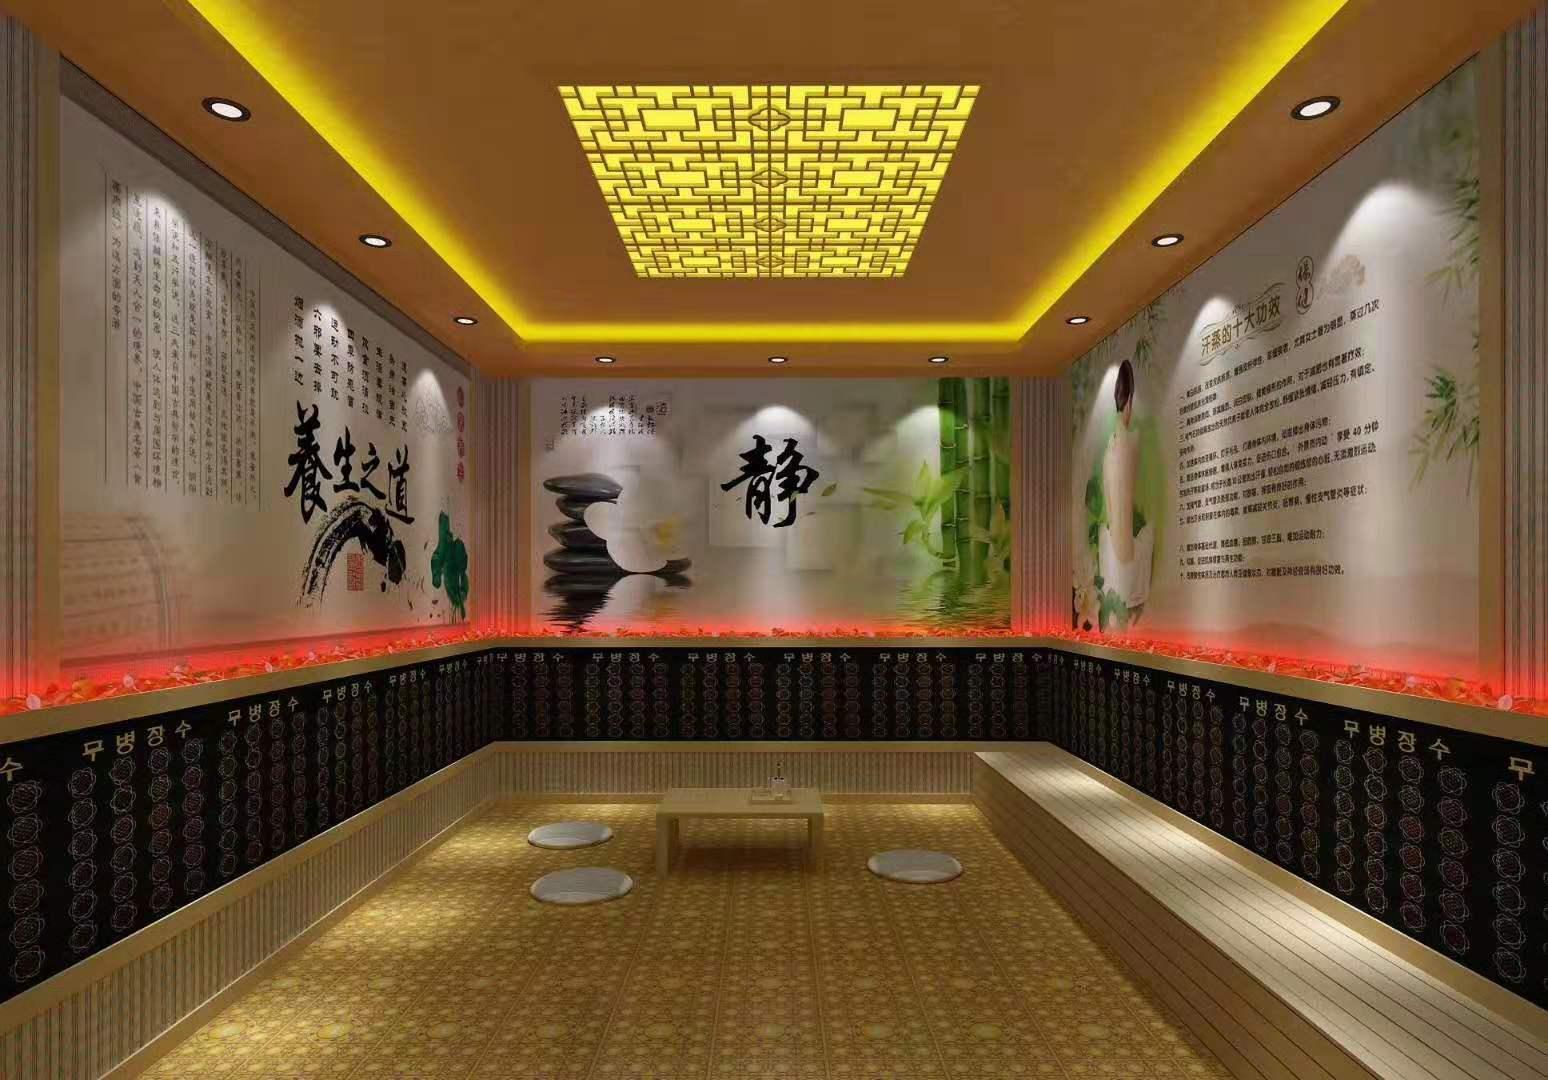 黑龙江大型洗浴汗蒸房专业安装厂家价格低于同行20%